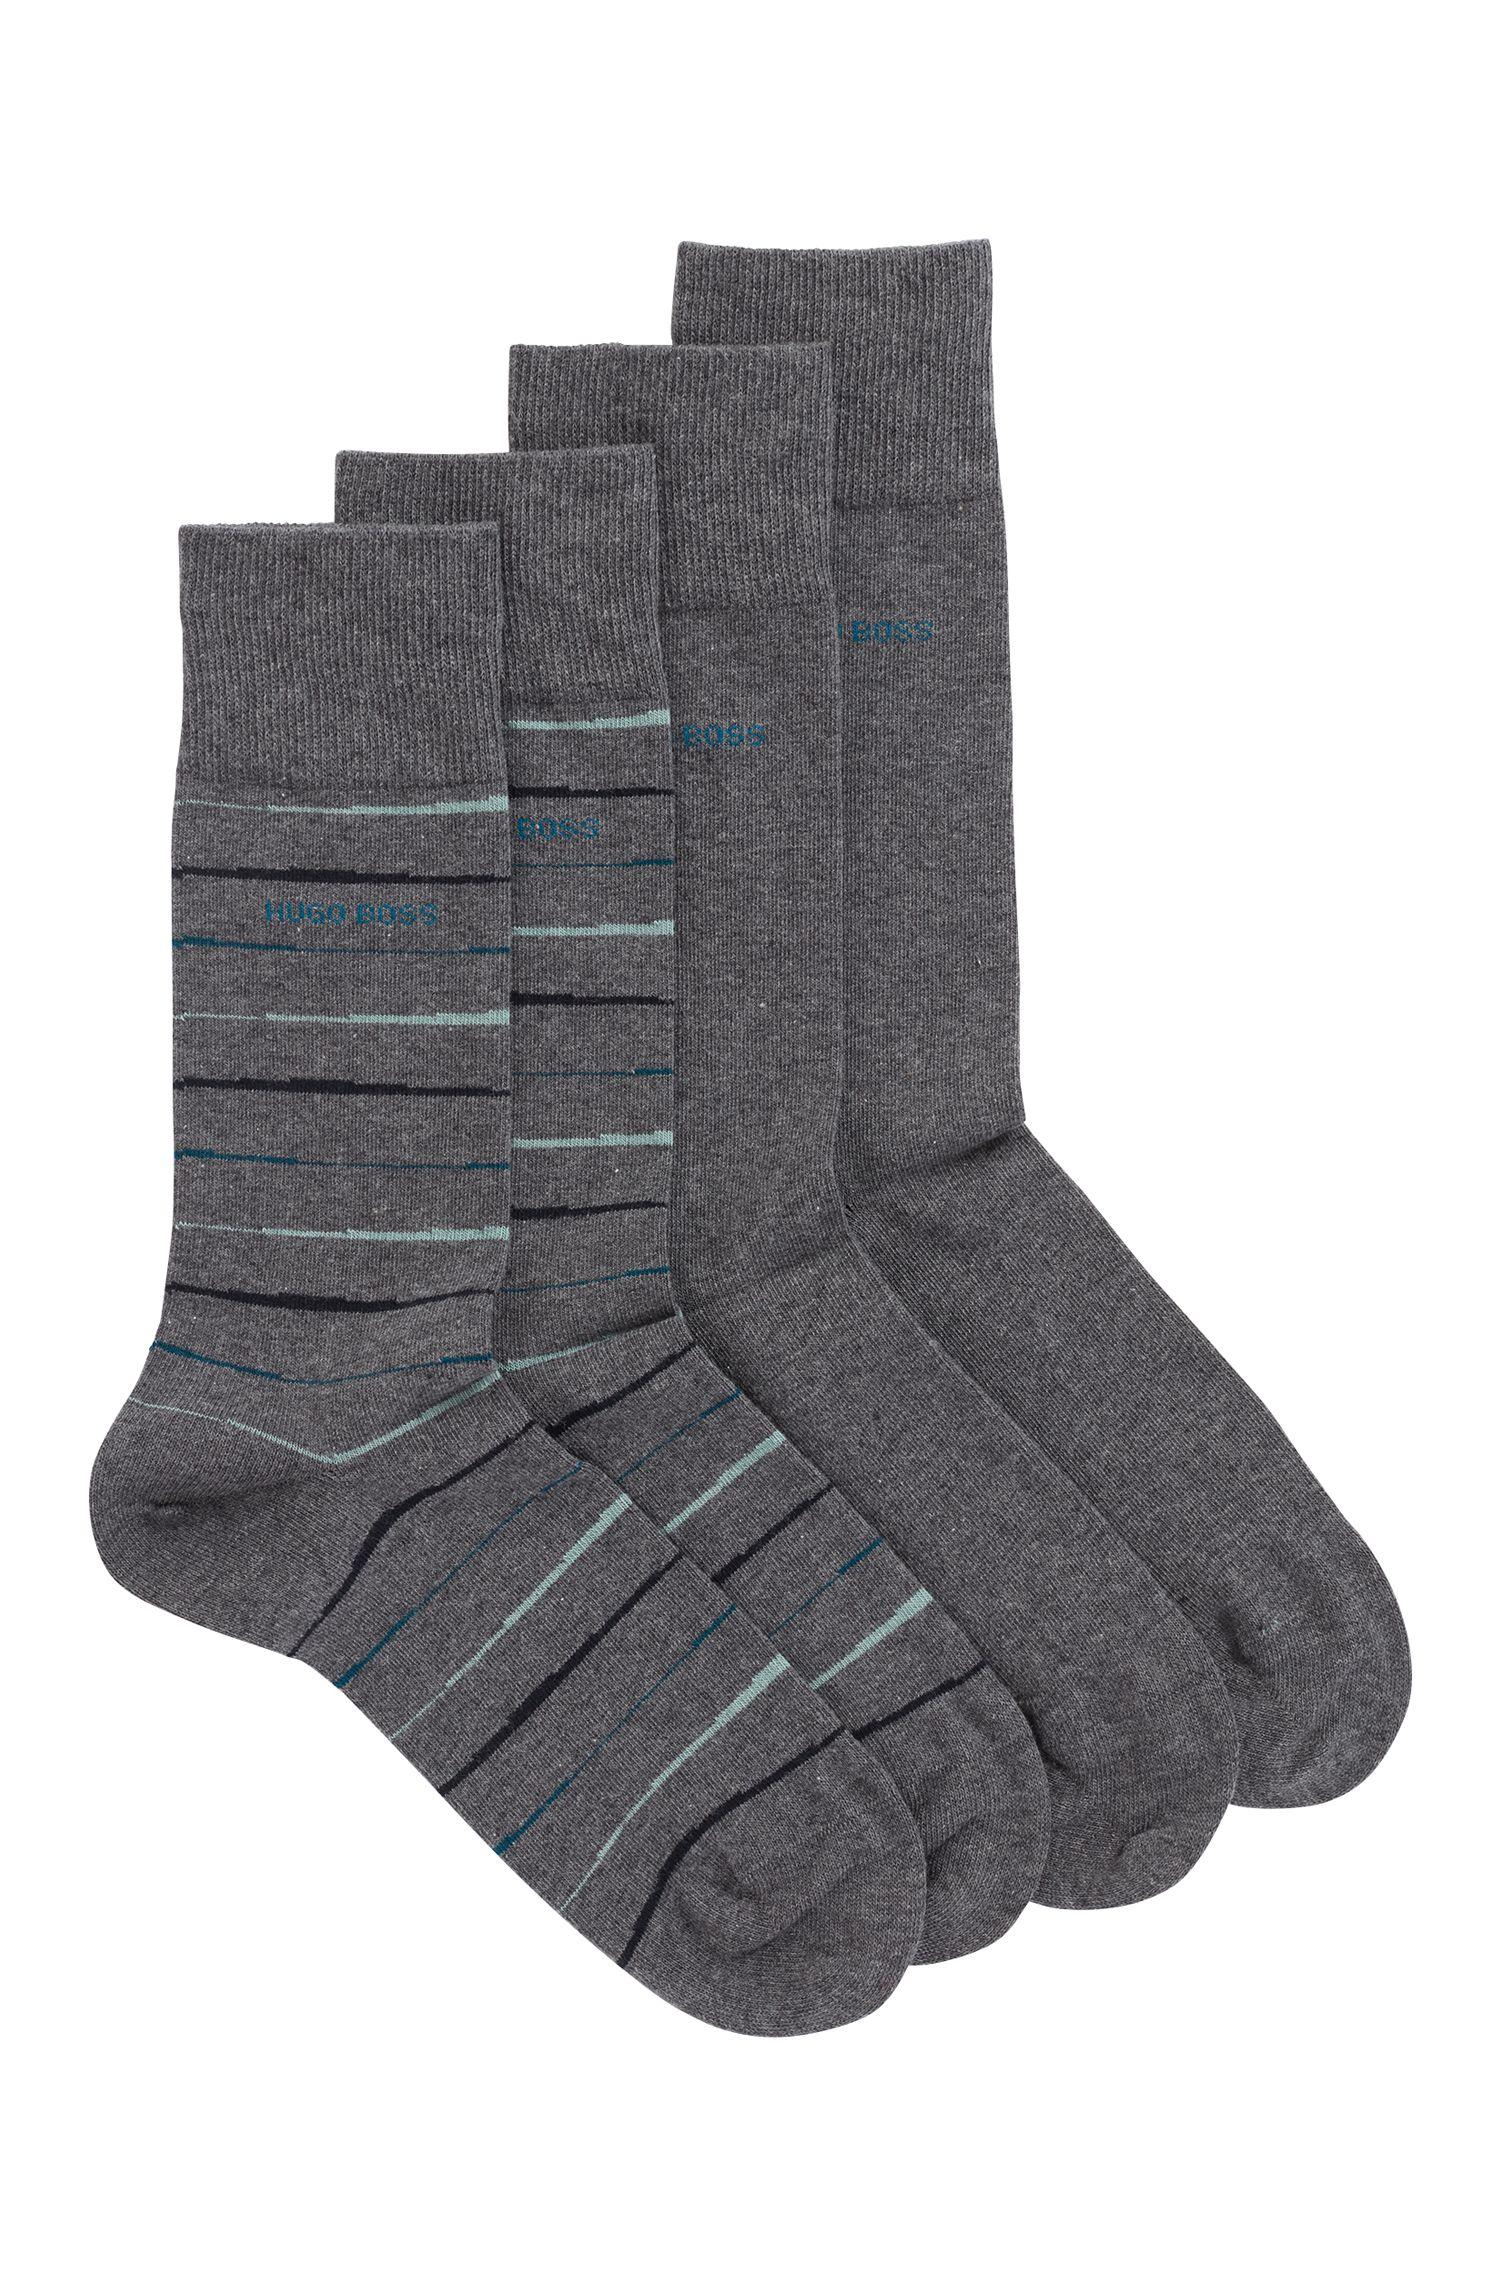 Mittelhohe Socken aus Baumwoll-Mix mit gekämmtem Finish im Zweier-Pack, Grau